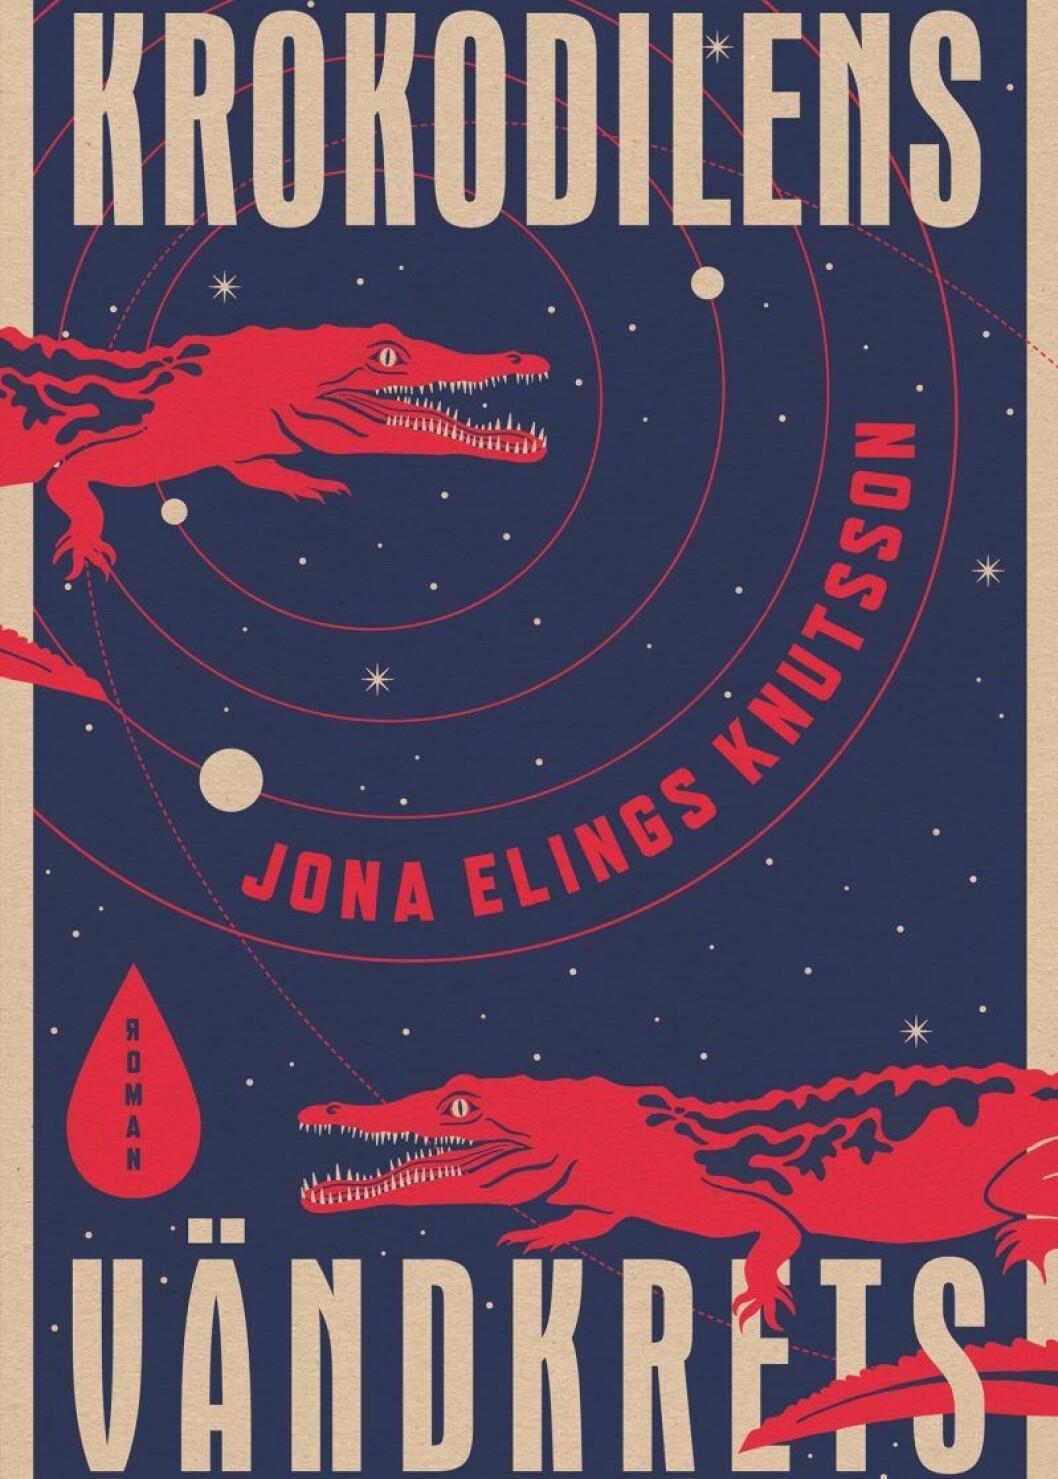 Bokomslag till Krokodilens vändkrets, två krokodiler tecknade krokodiler på omslaget.